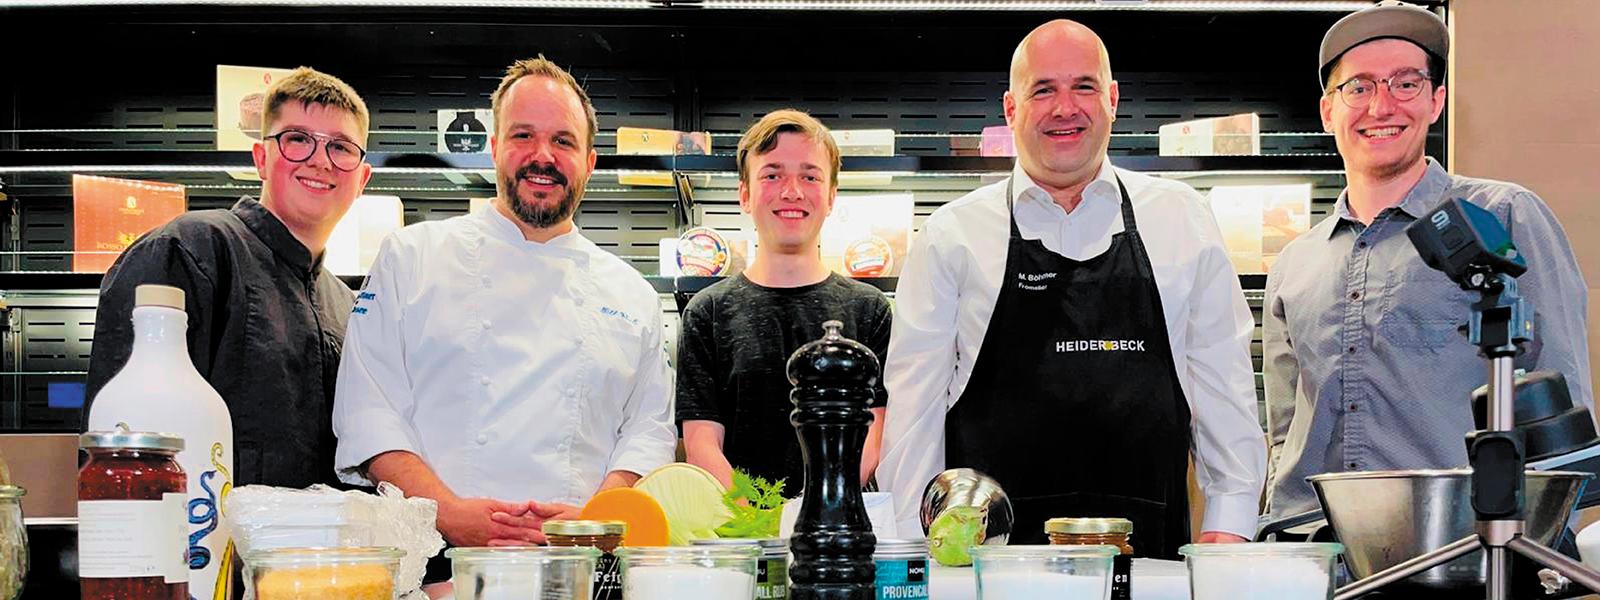 Das Team von Kochen mit Käse posiert an der Theke der Heiderbeck Akademie